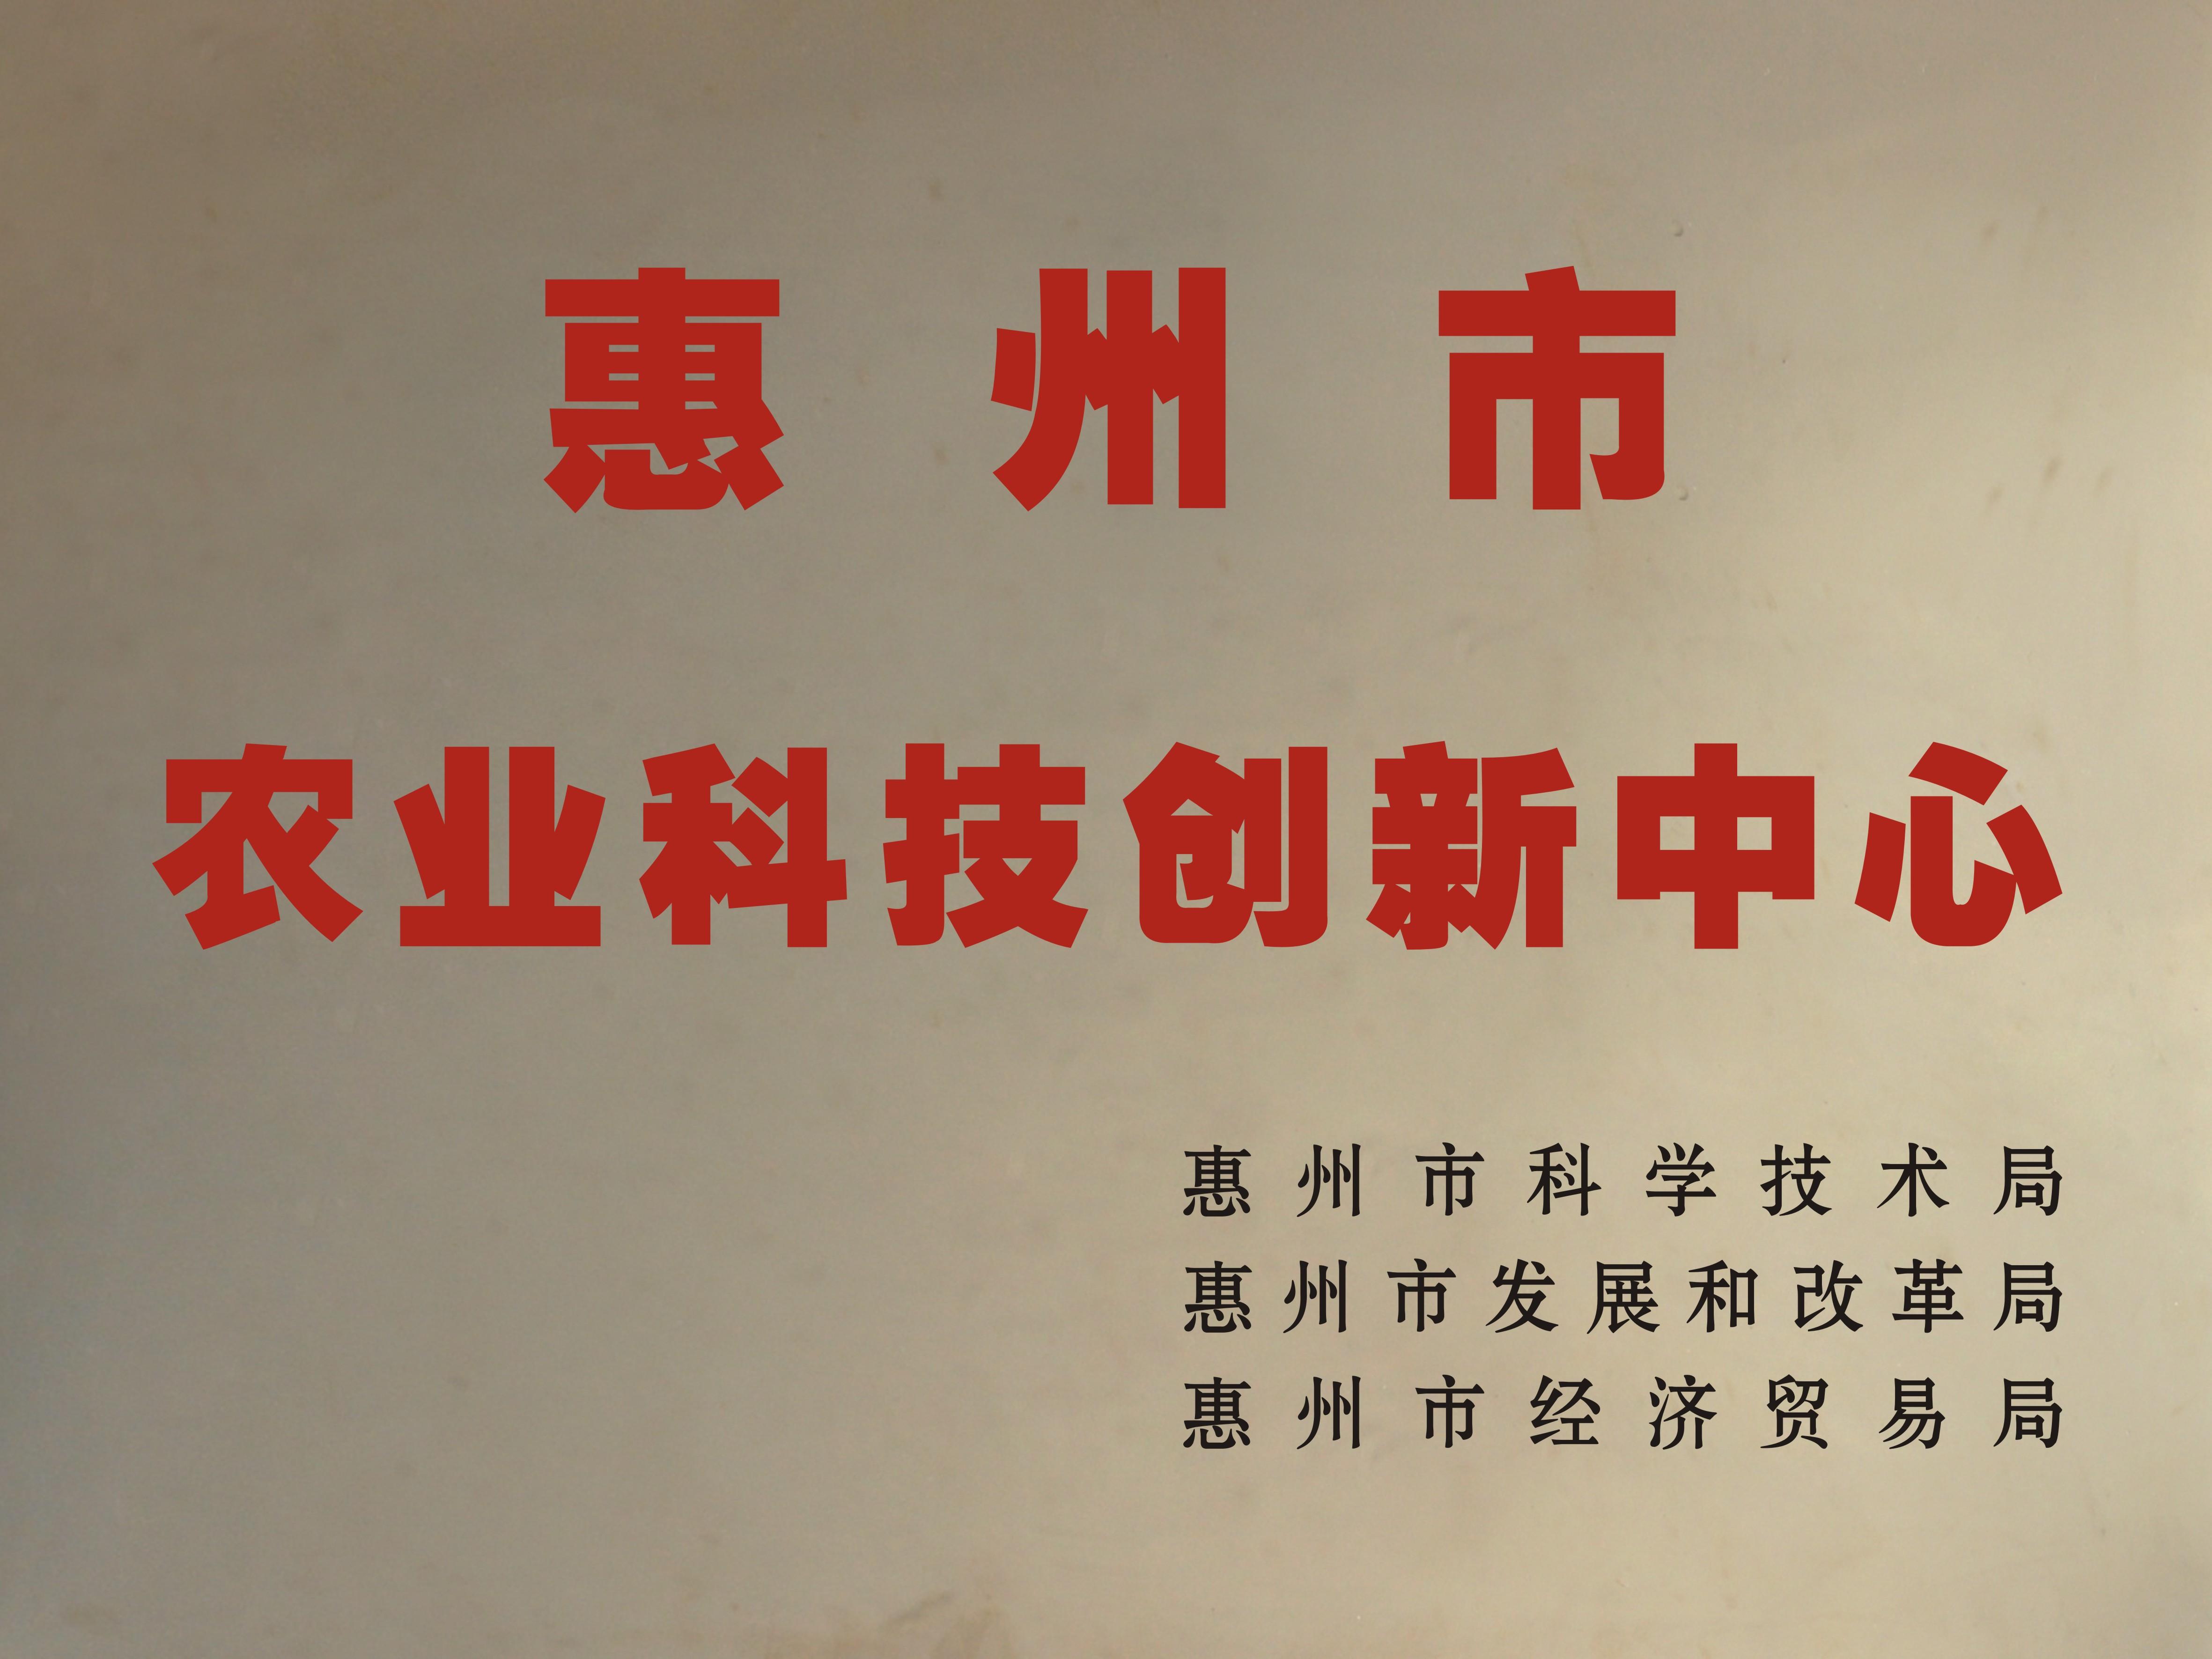 惠州市農業科技創新中心